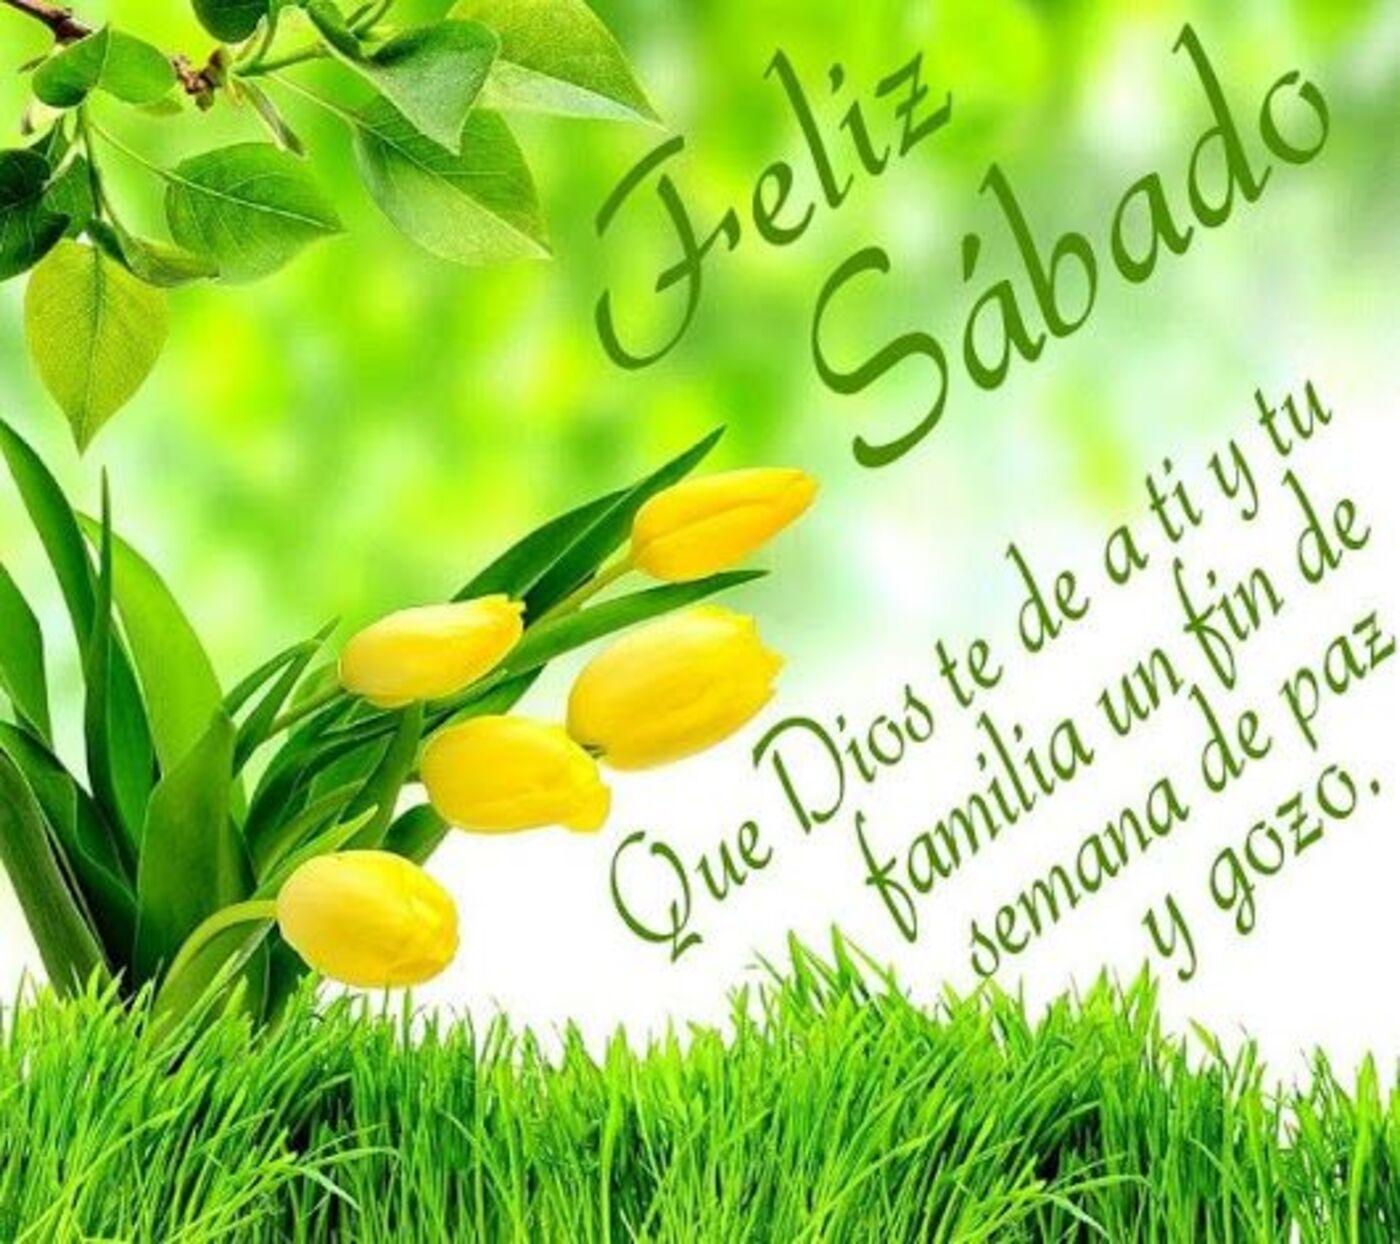 Feliz sábado que Dios te de a ti y tu familia un fin de semana de paz y gozo